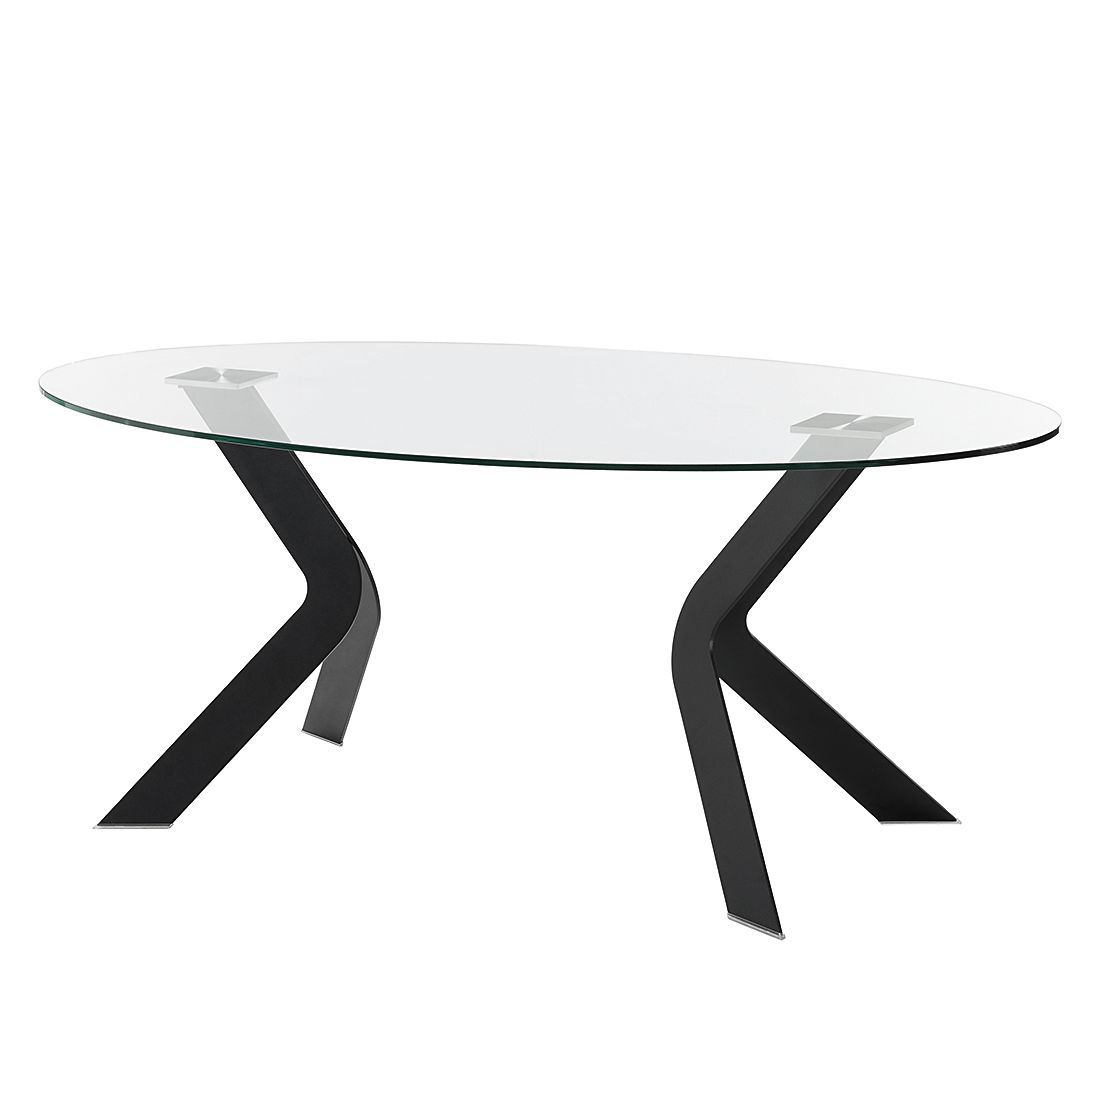 glas edelstahl tisch 200 preisvergleich die besten angebote online kaufen. Black Bedroom Furniture Sets. Home Design Ideas